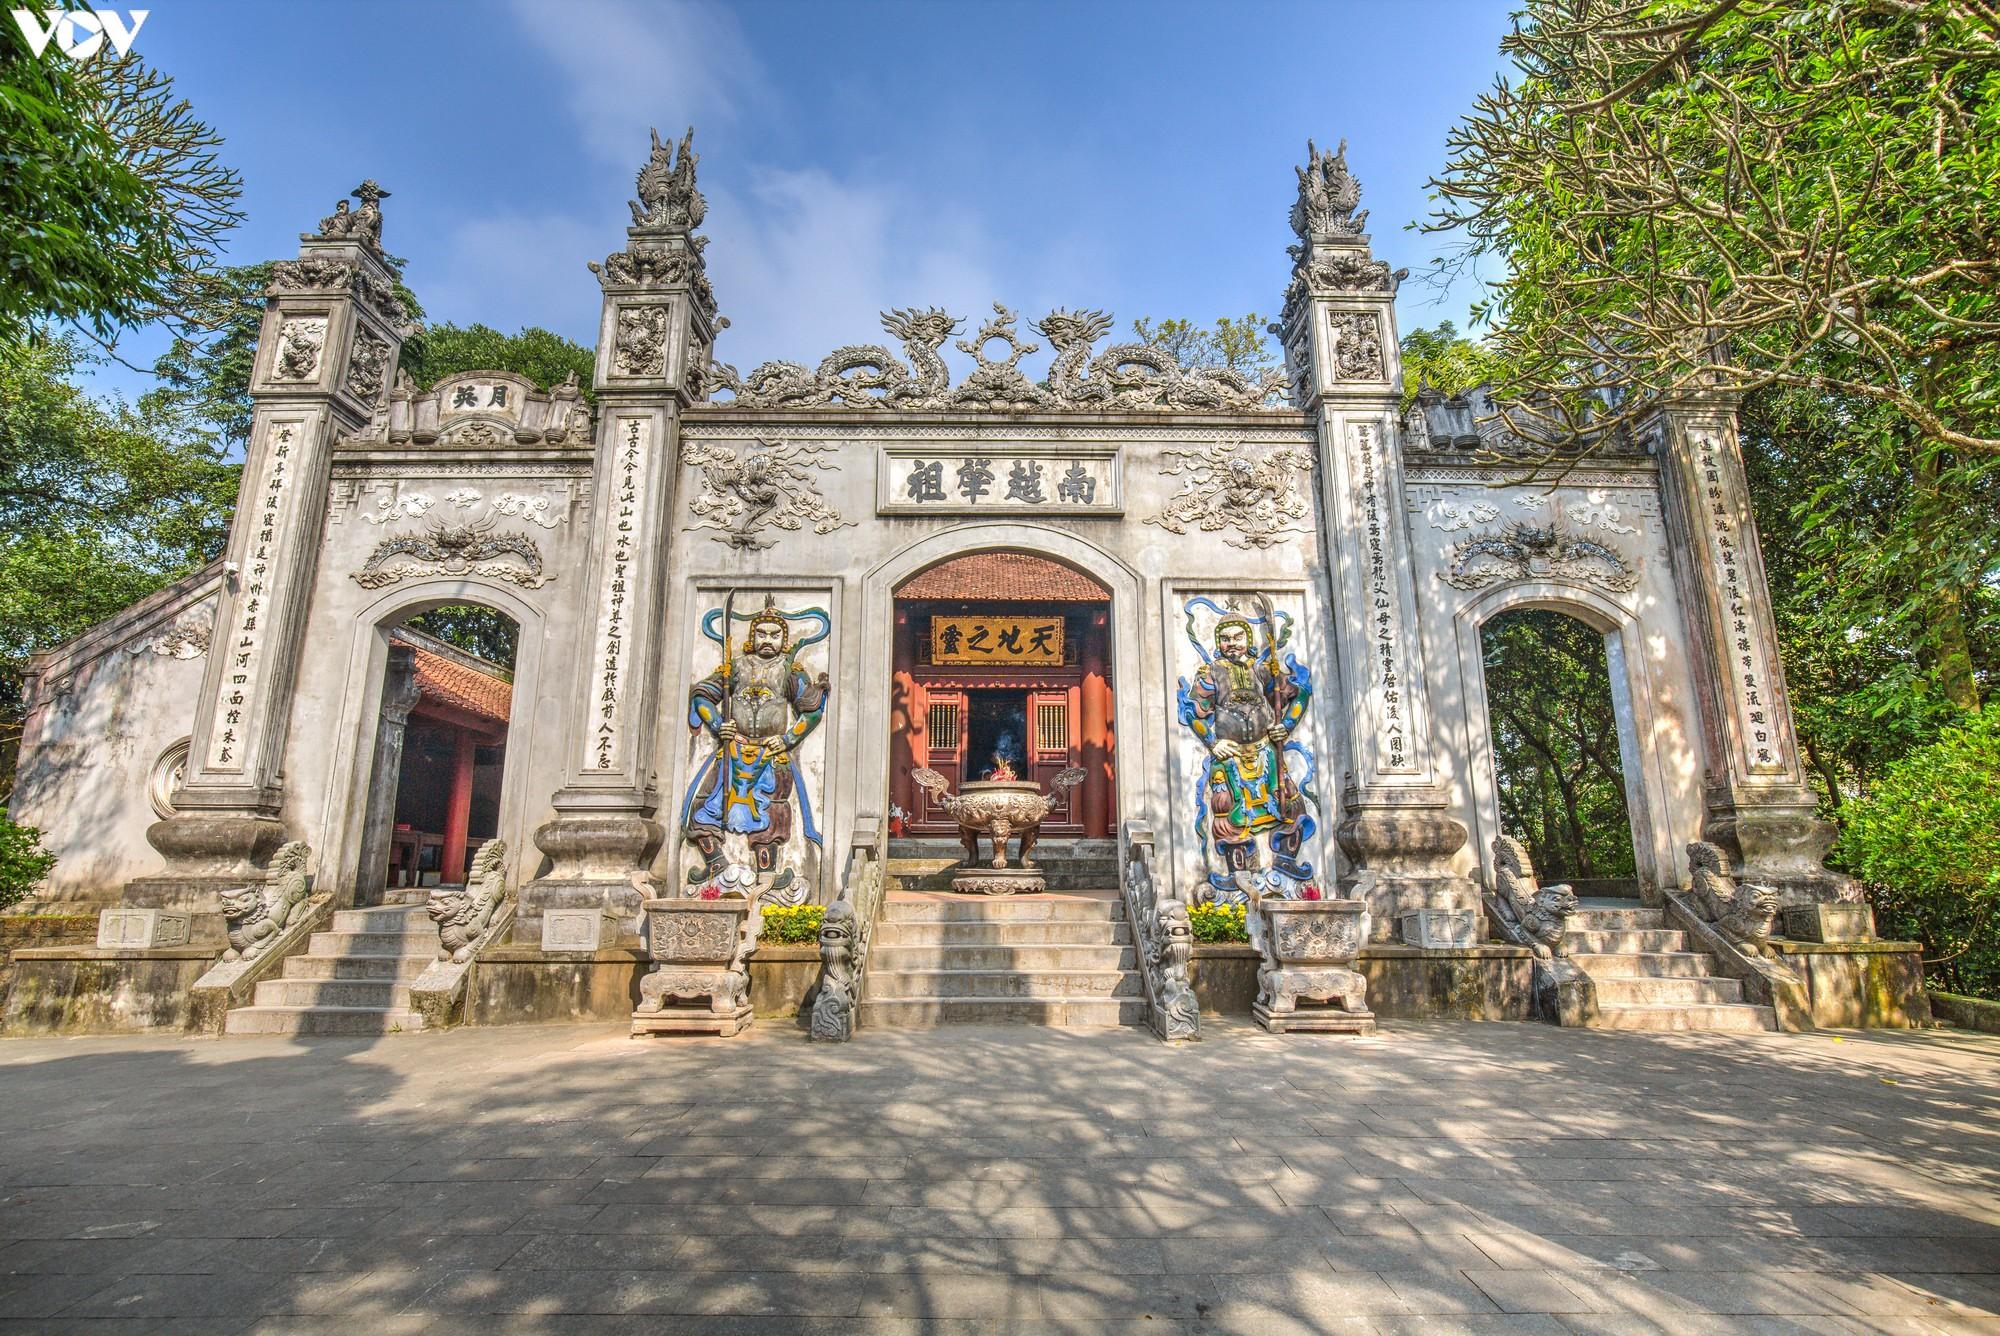 Về đất Tổ thăm khu di tích lịch sử Đền Hùng – Truyền hình Gia Lai